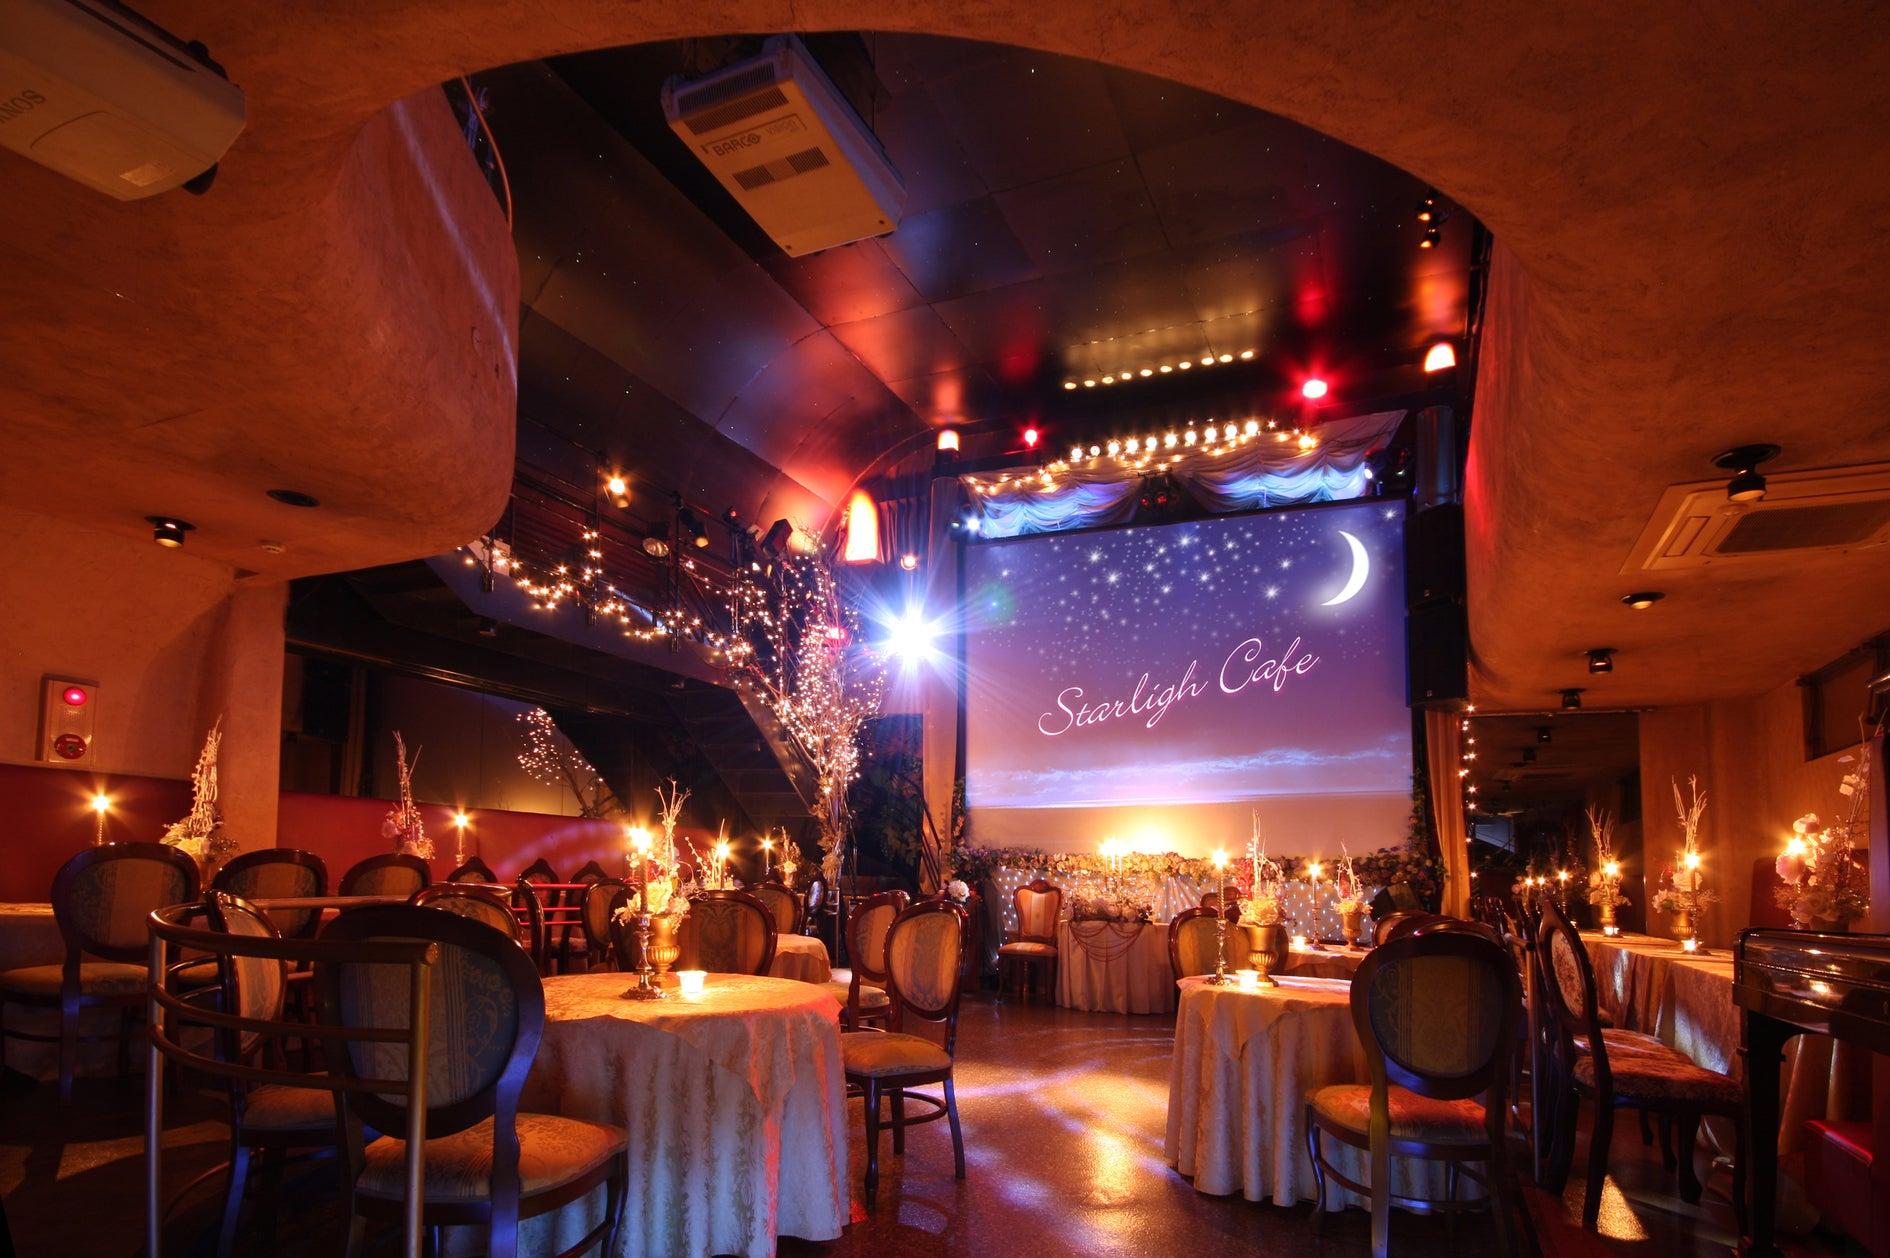 STARLIGHT CAFE 2&3階(東バイパス/ゆめタウンはません隣)(スターライト カフェ&ウエディング 熊本(東バイパス/ゆめタウンはません隣)) の写真0